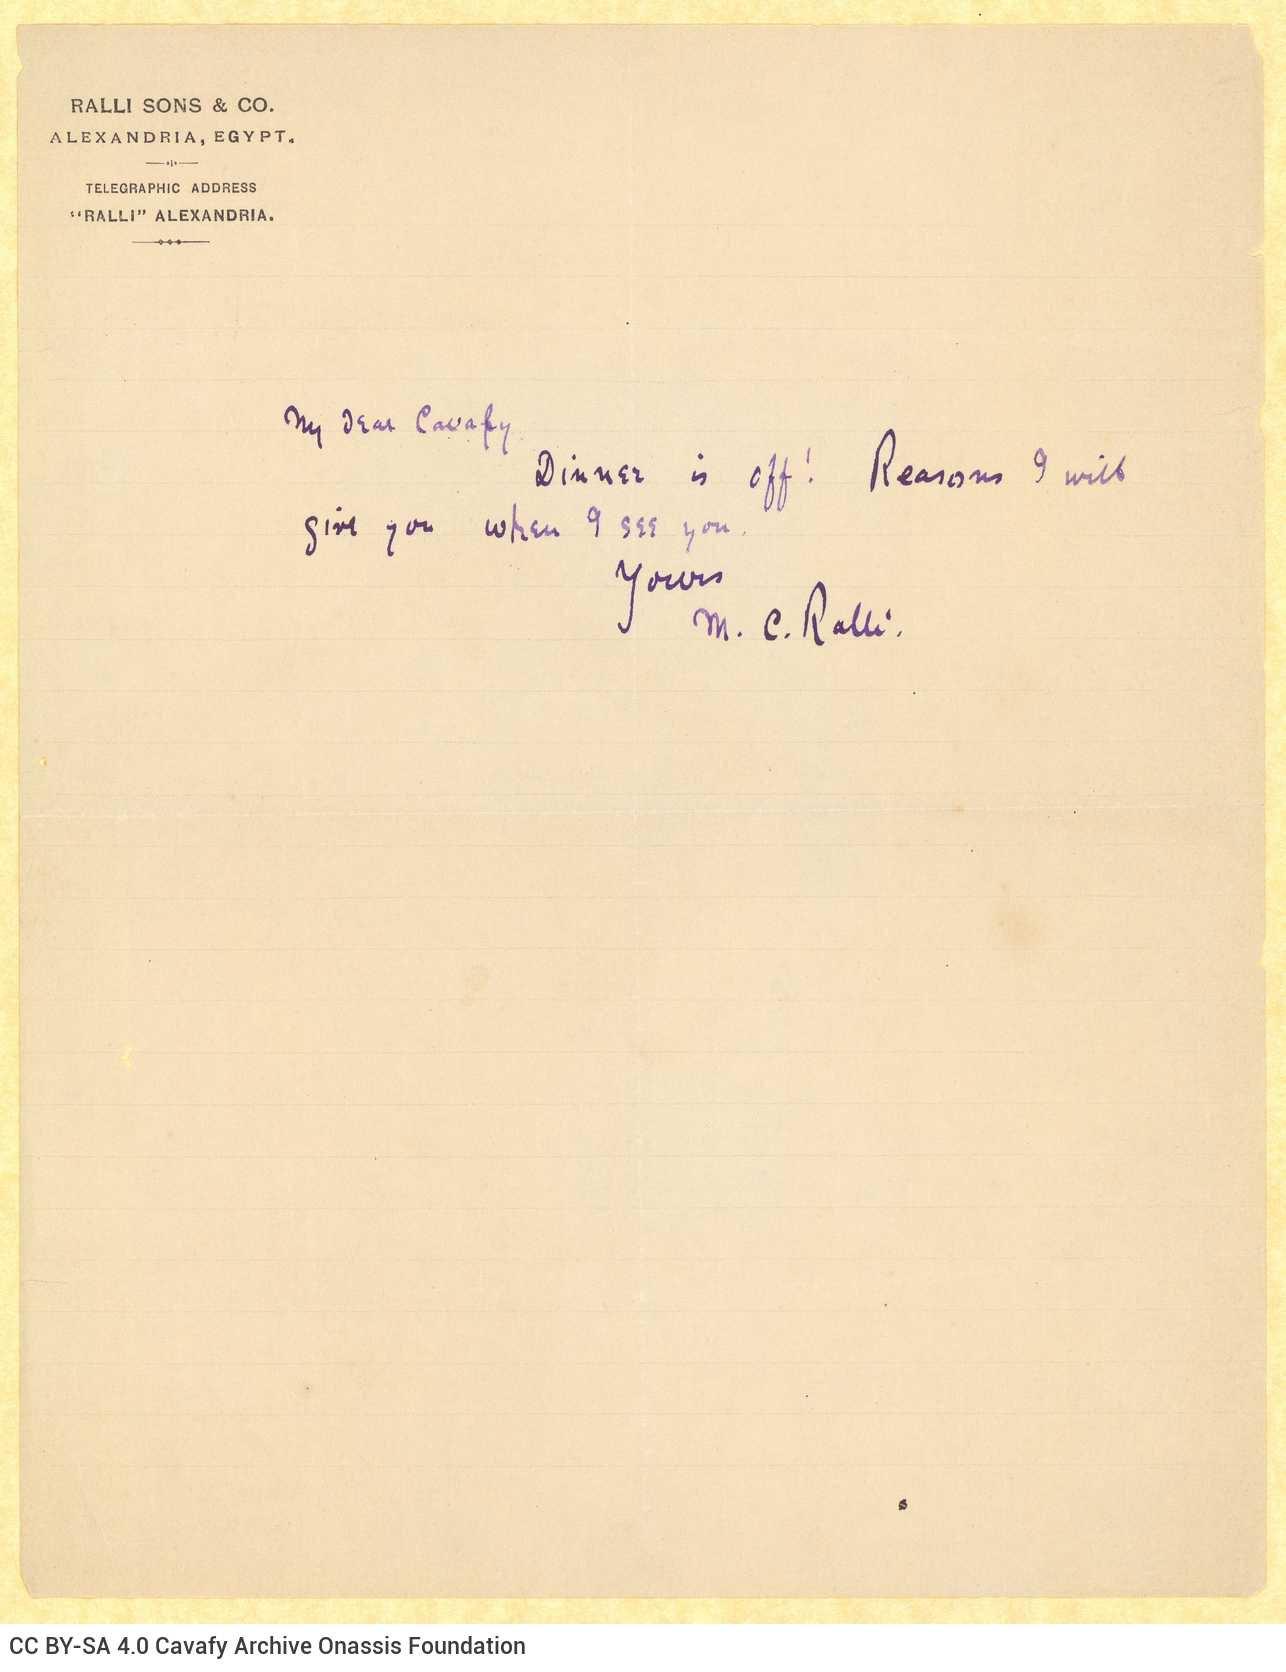 Χειρόγραφο σημείωμα του M. C. Ralli προς τον Καβάφη σχετικά με ακύρωση δε